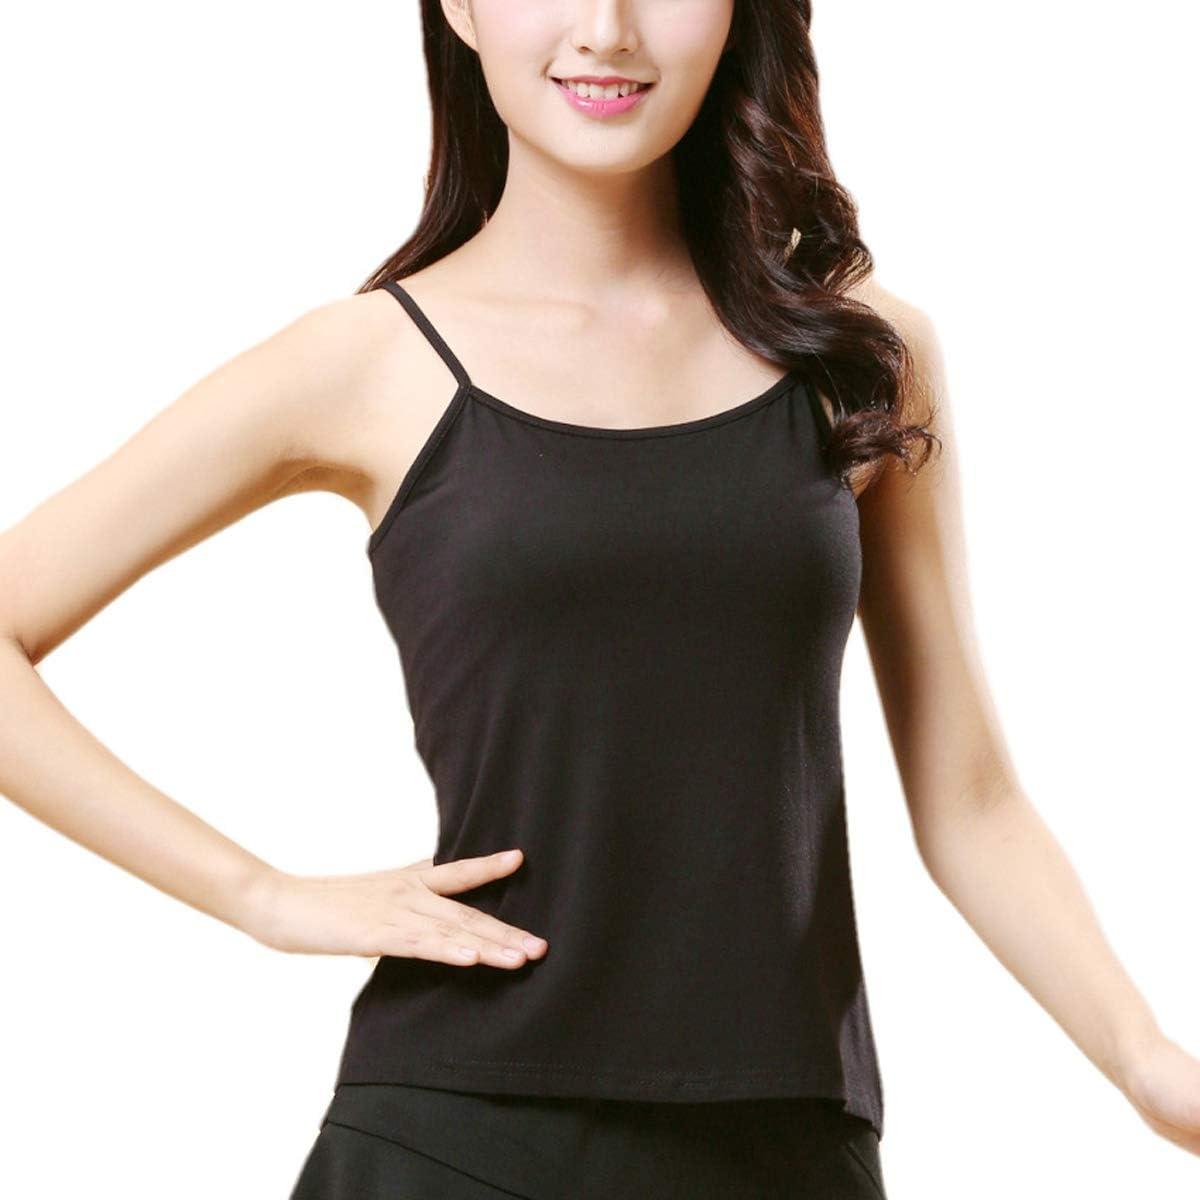 Damen Fitness Sport-Bustier INDOOR Funktions TOP